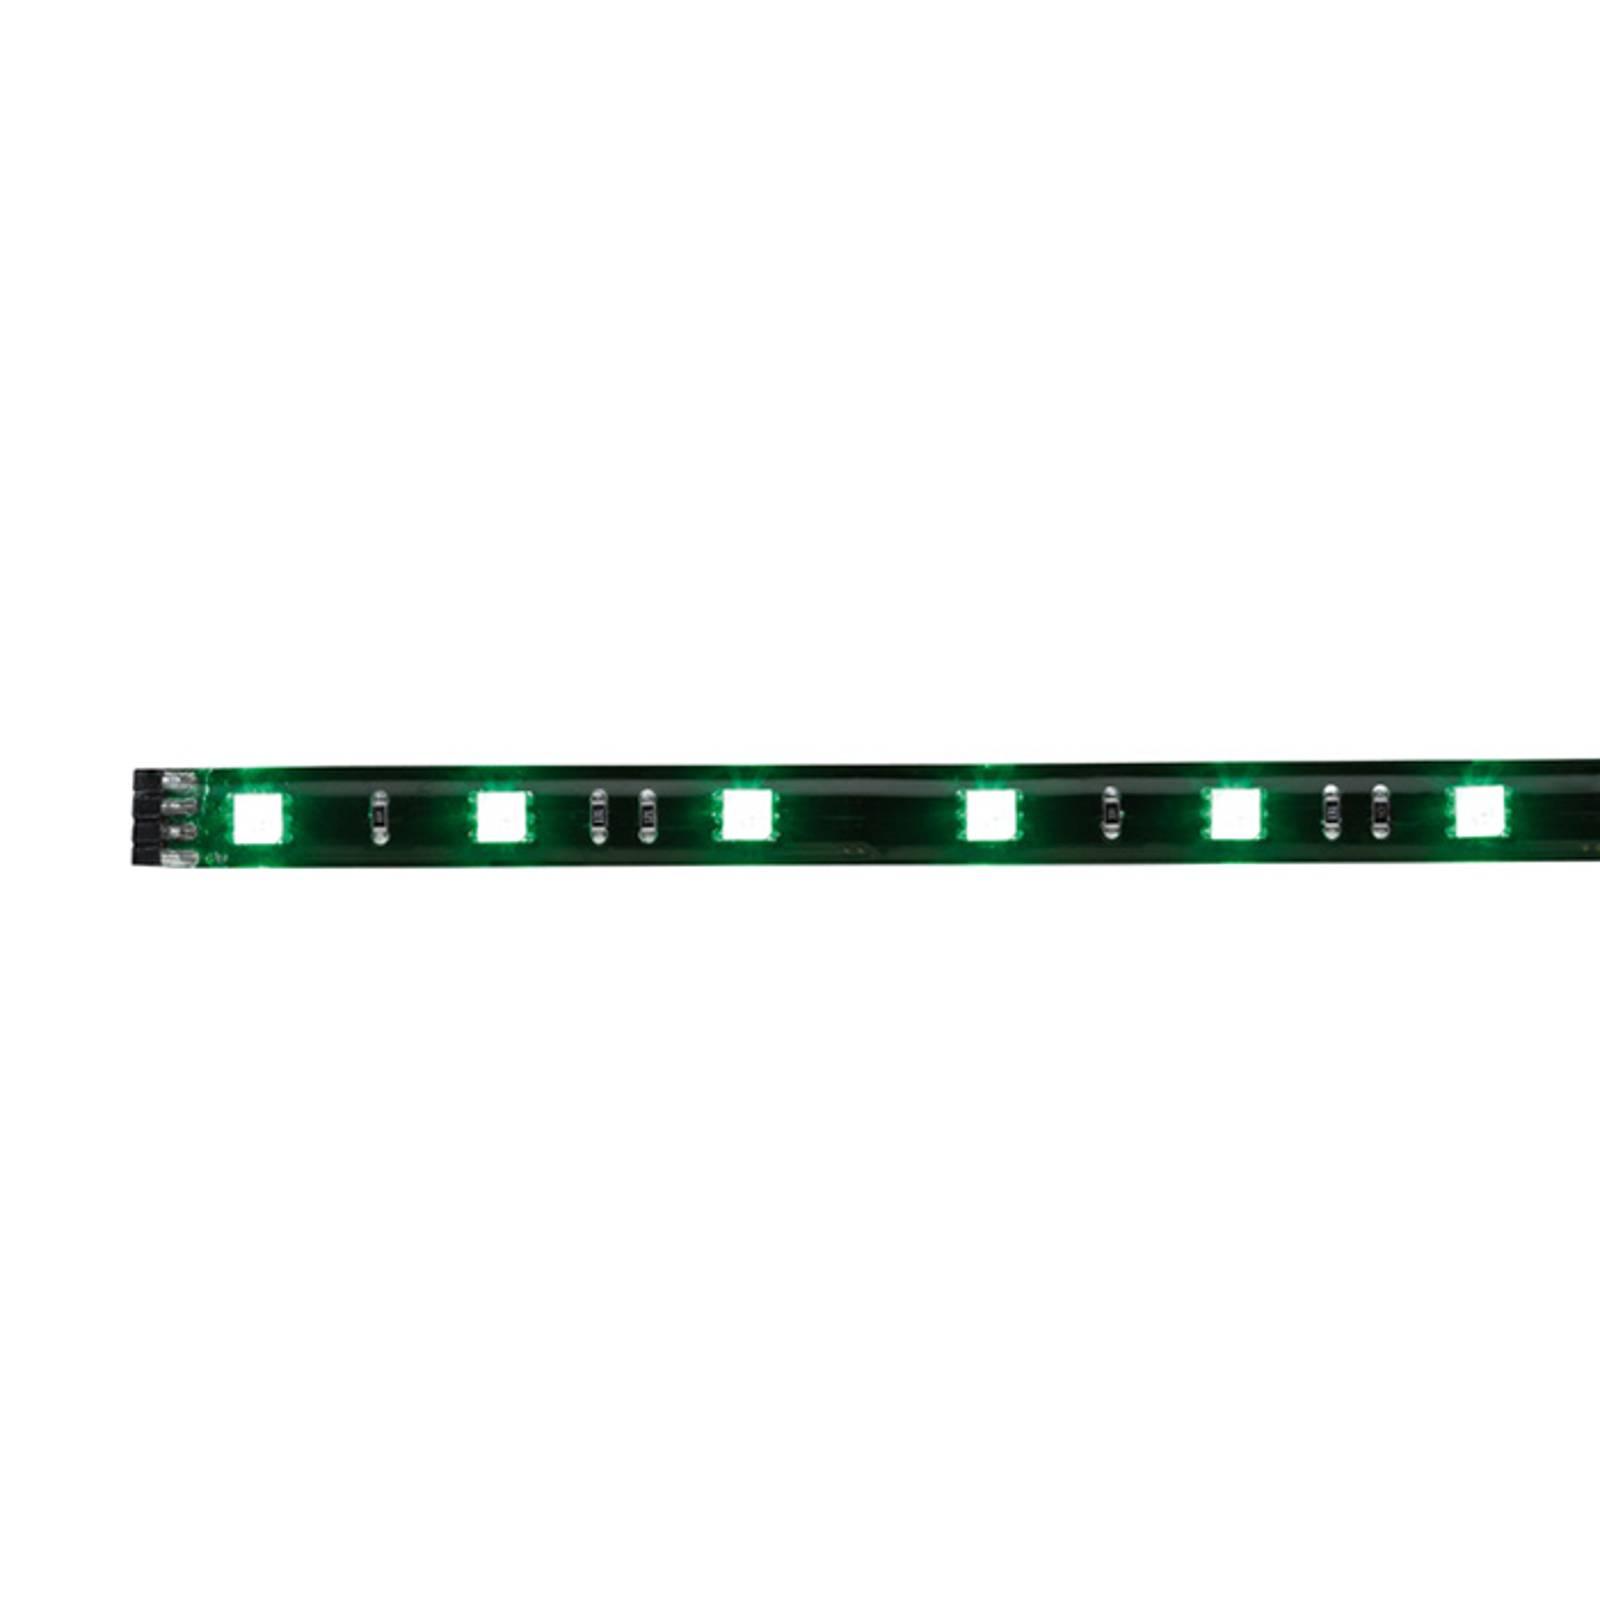 Musta LED-nauha YourLED, RGB-värinvaihto